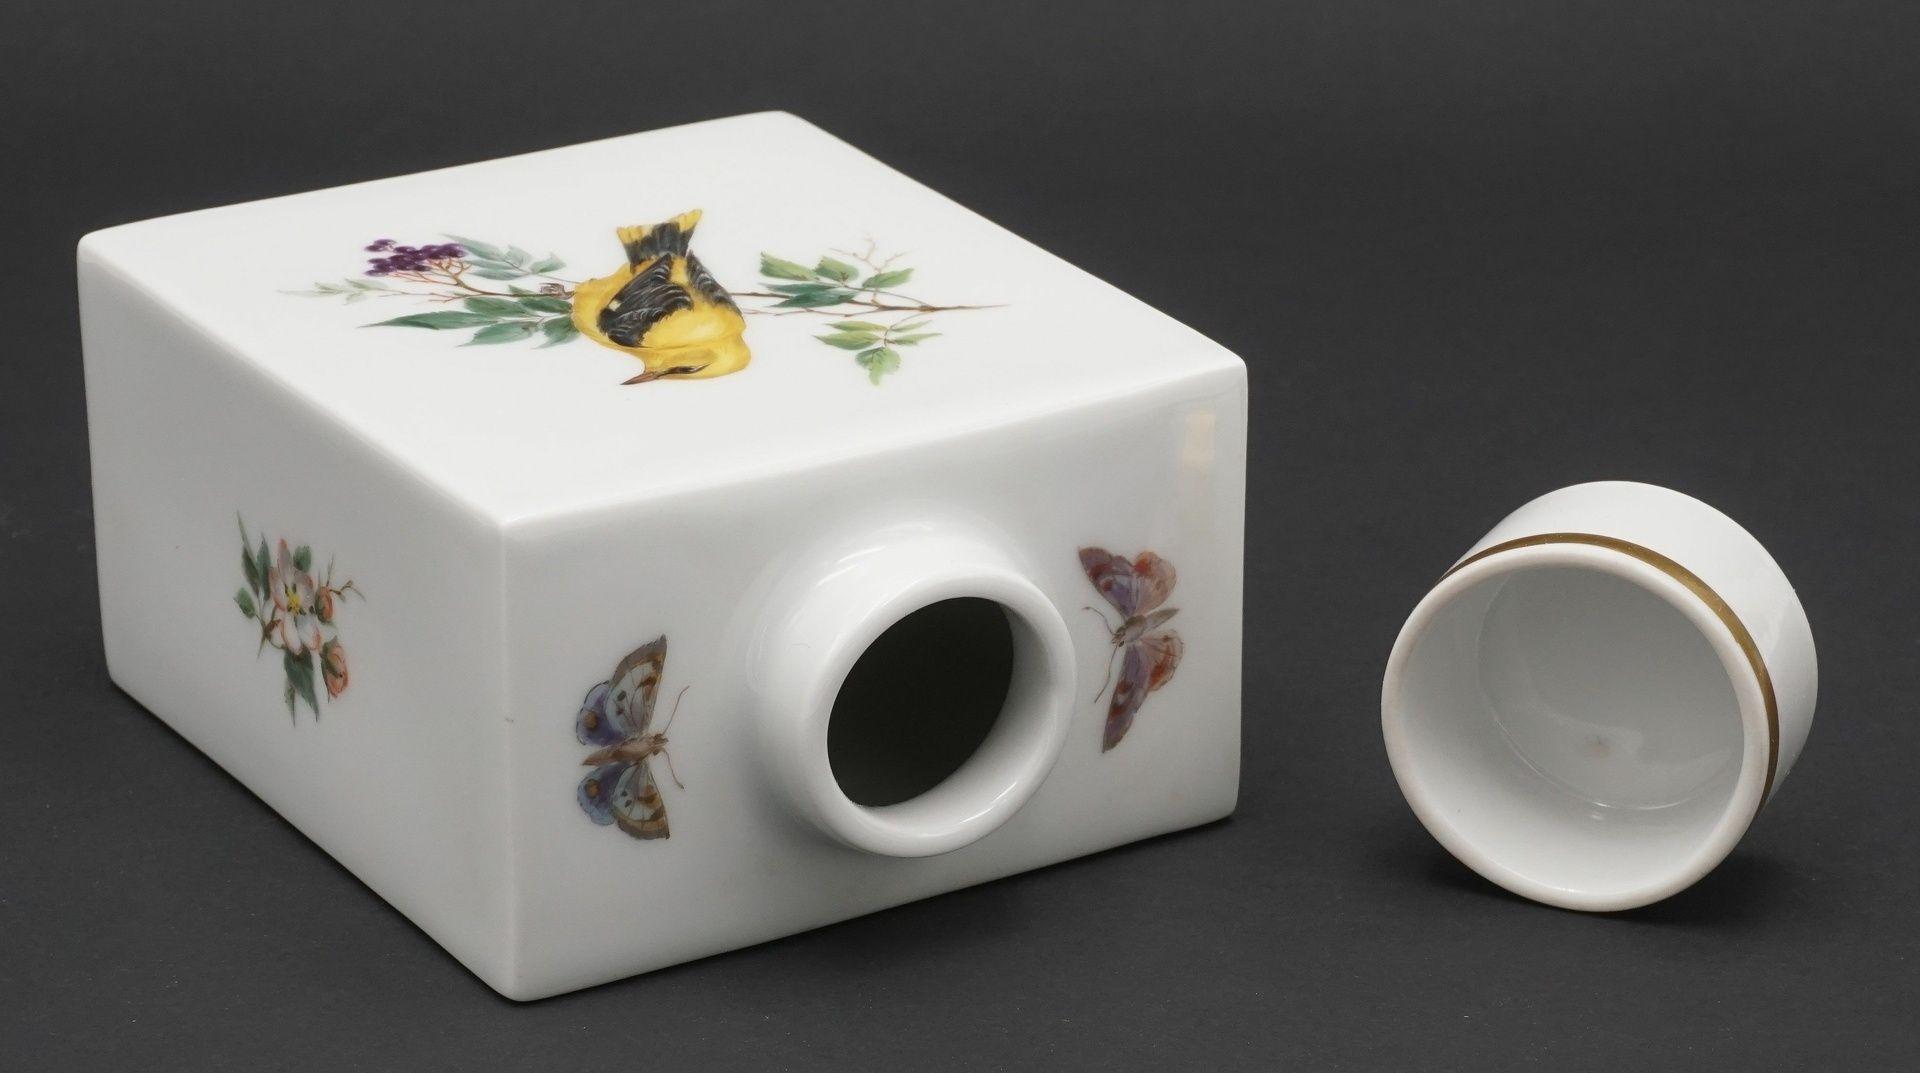 Meissen Teedose mit Vogelmalerei - Bild 3 aus 4